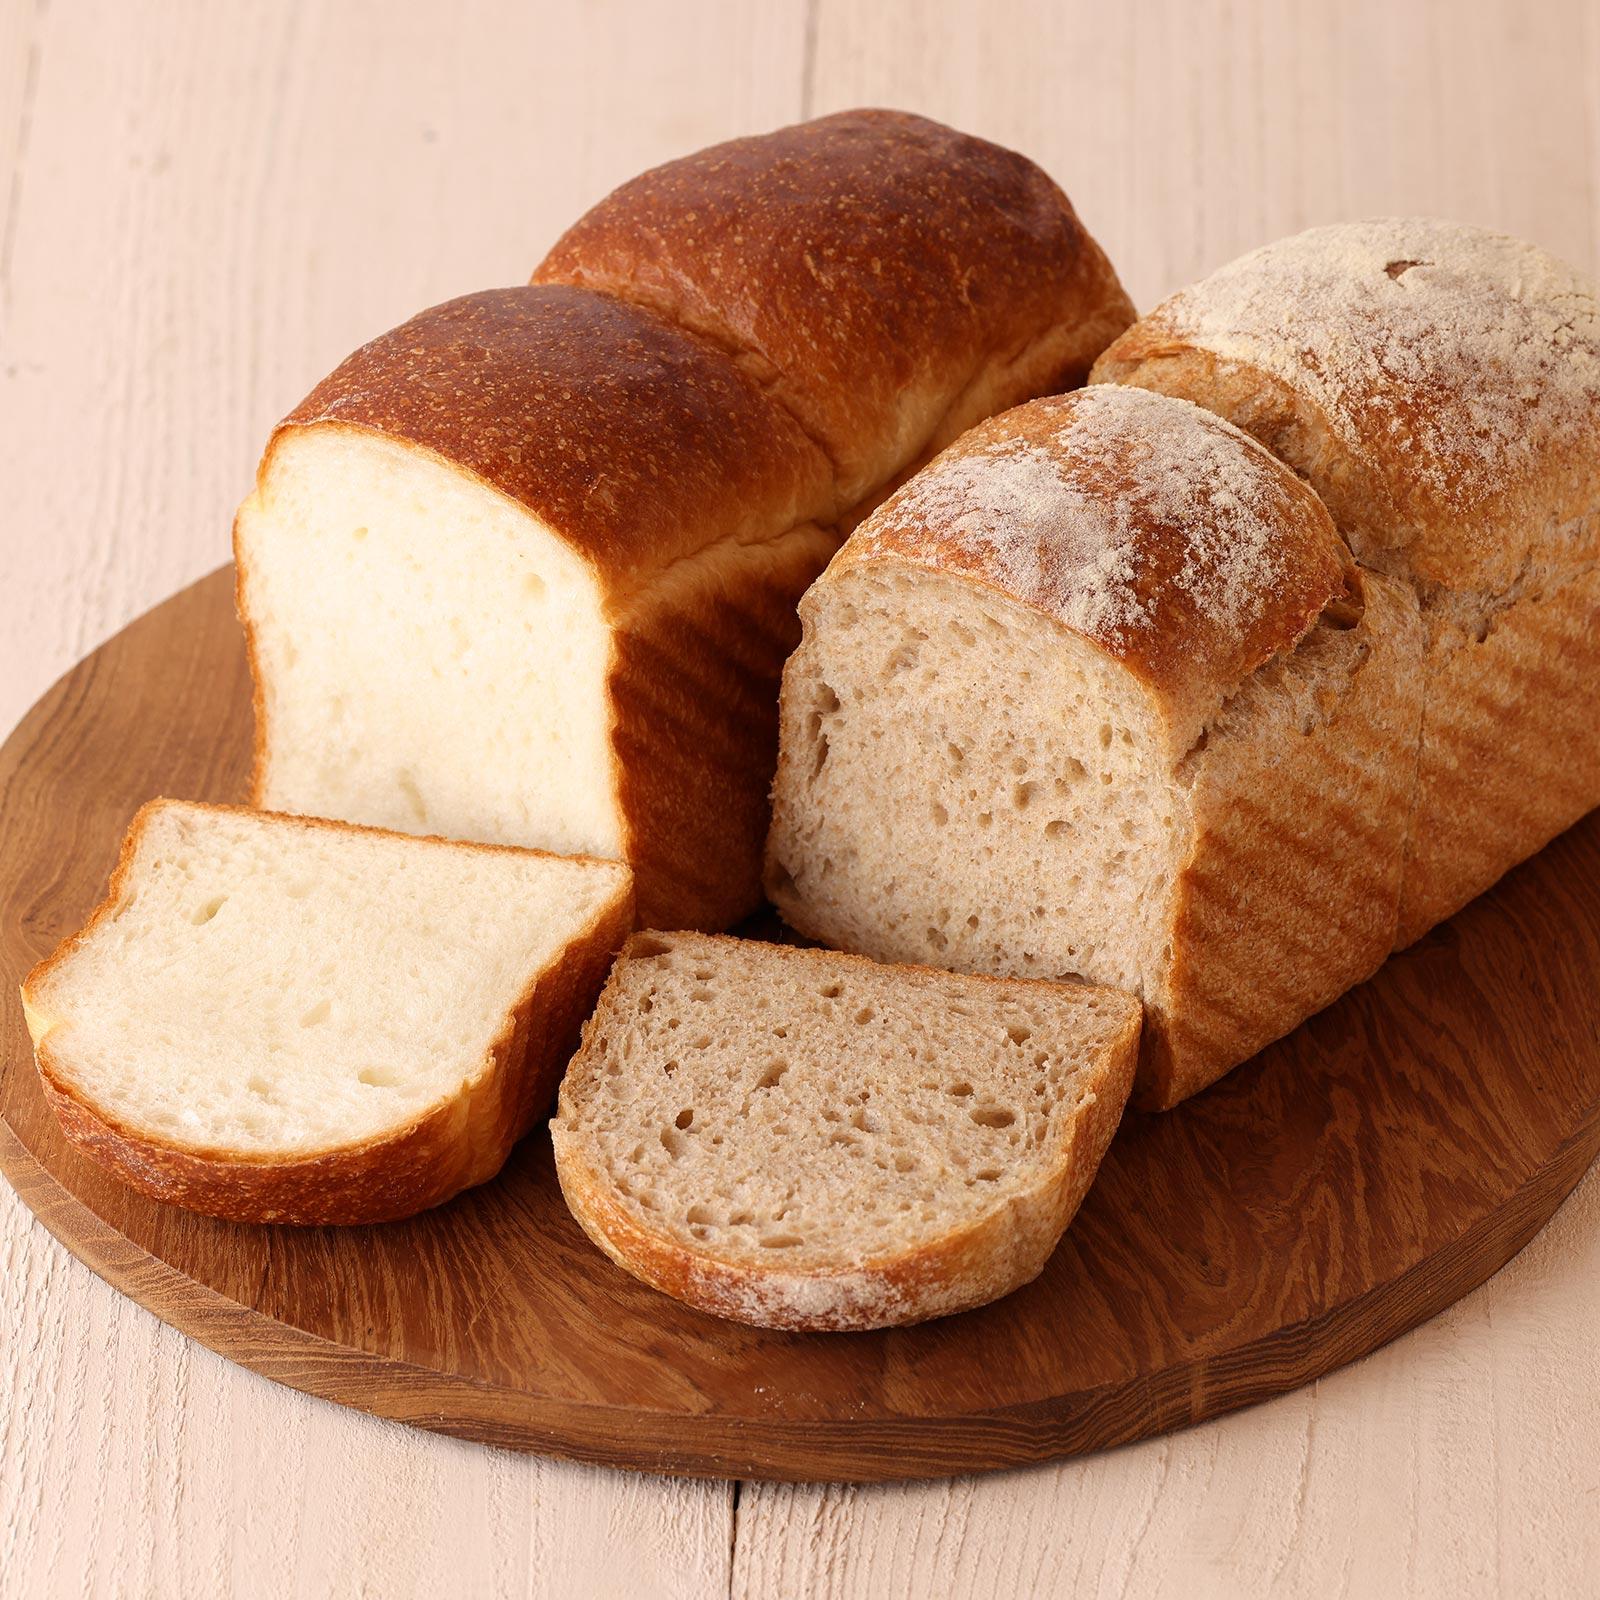 プレーンと全粒粉食パン2本組